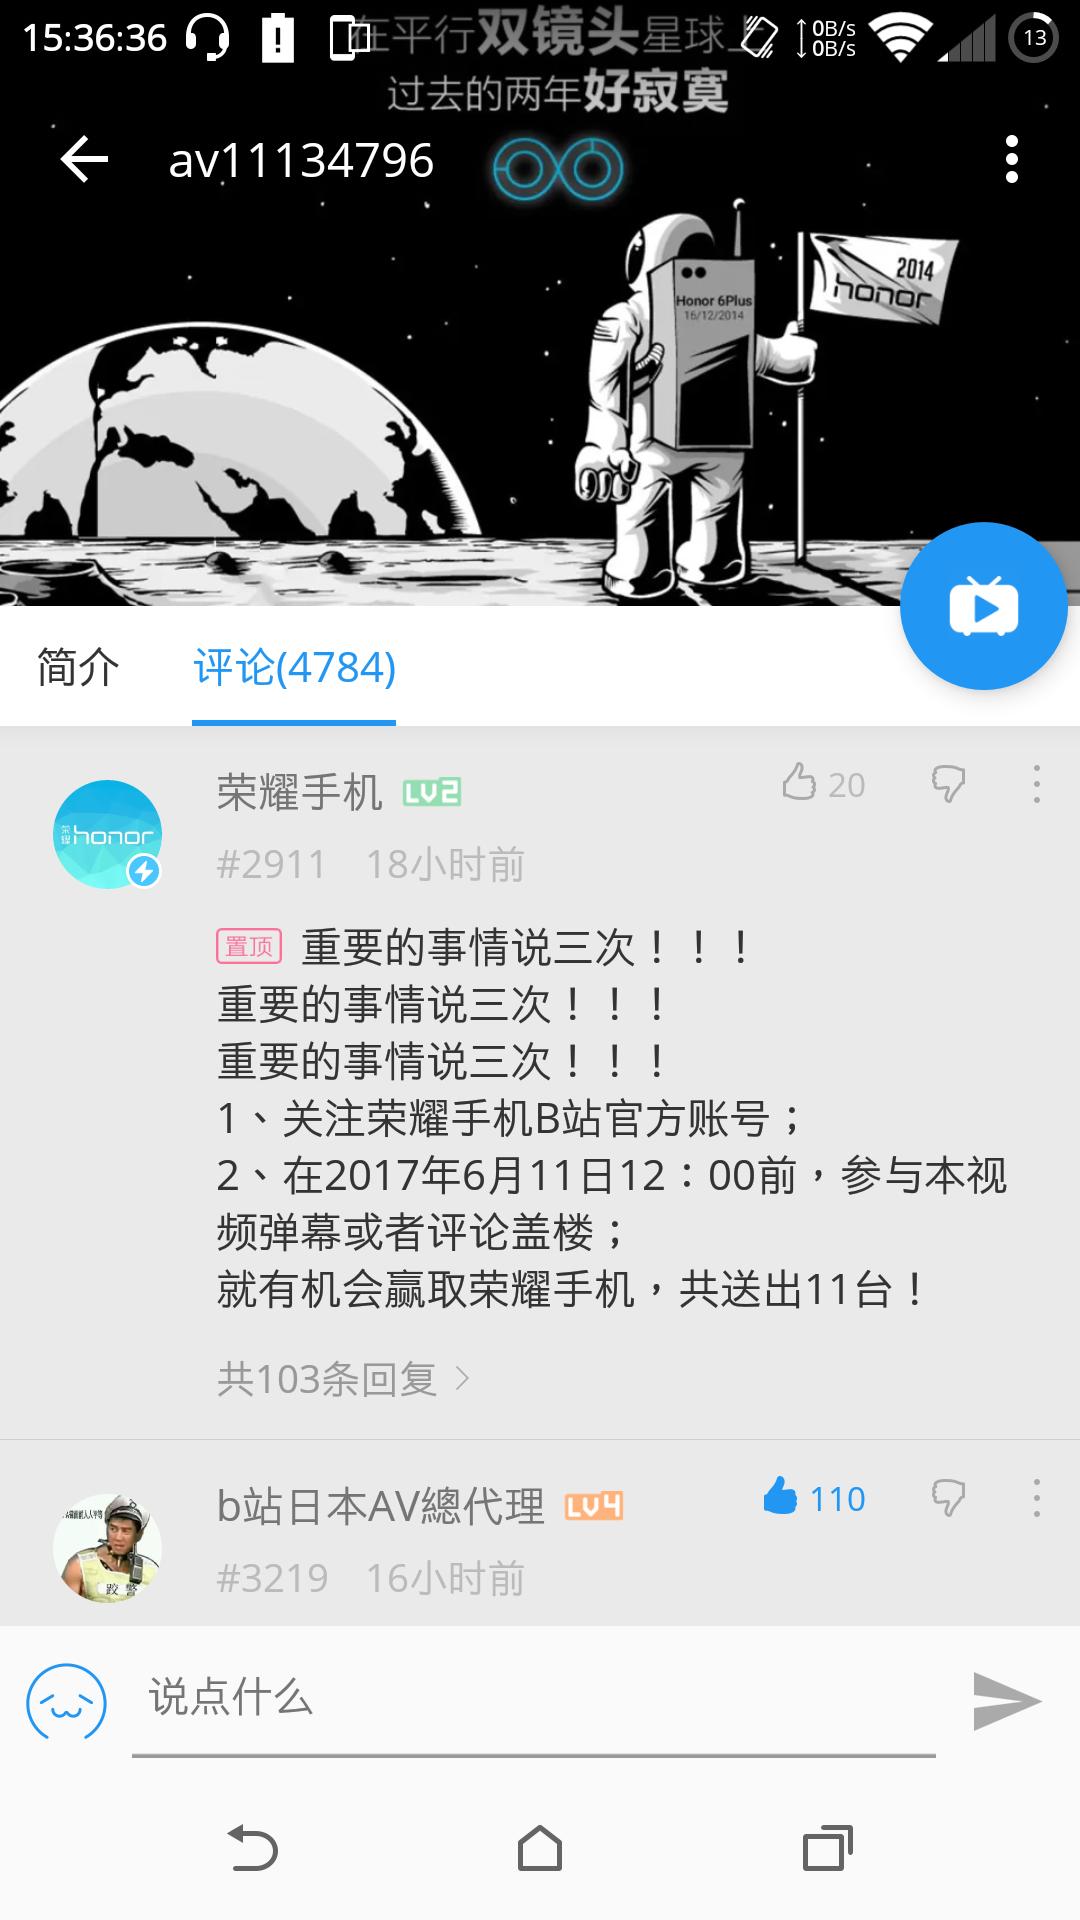 营销哔哩哔哩荣耀华为账号官方电话评价碰手机手机华为售后服务图片